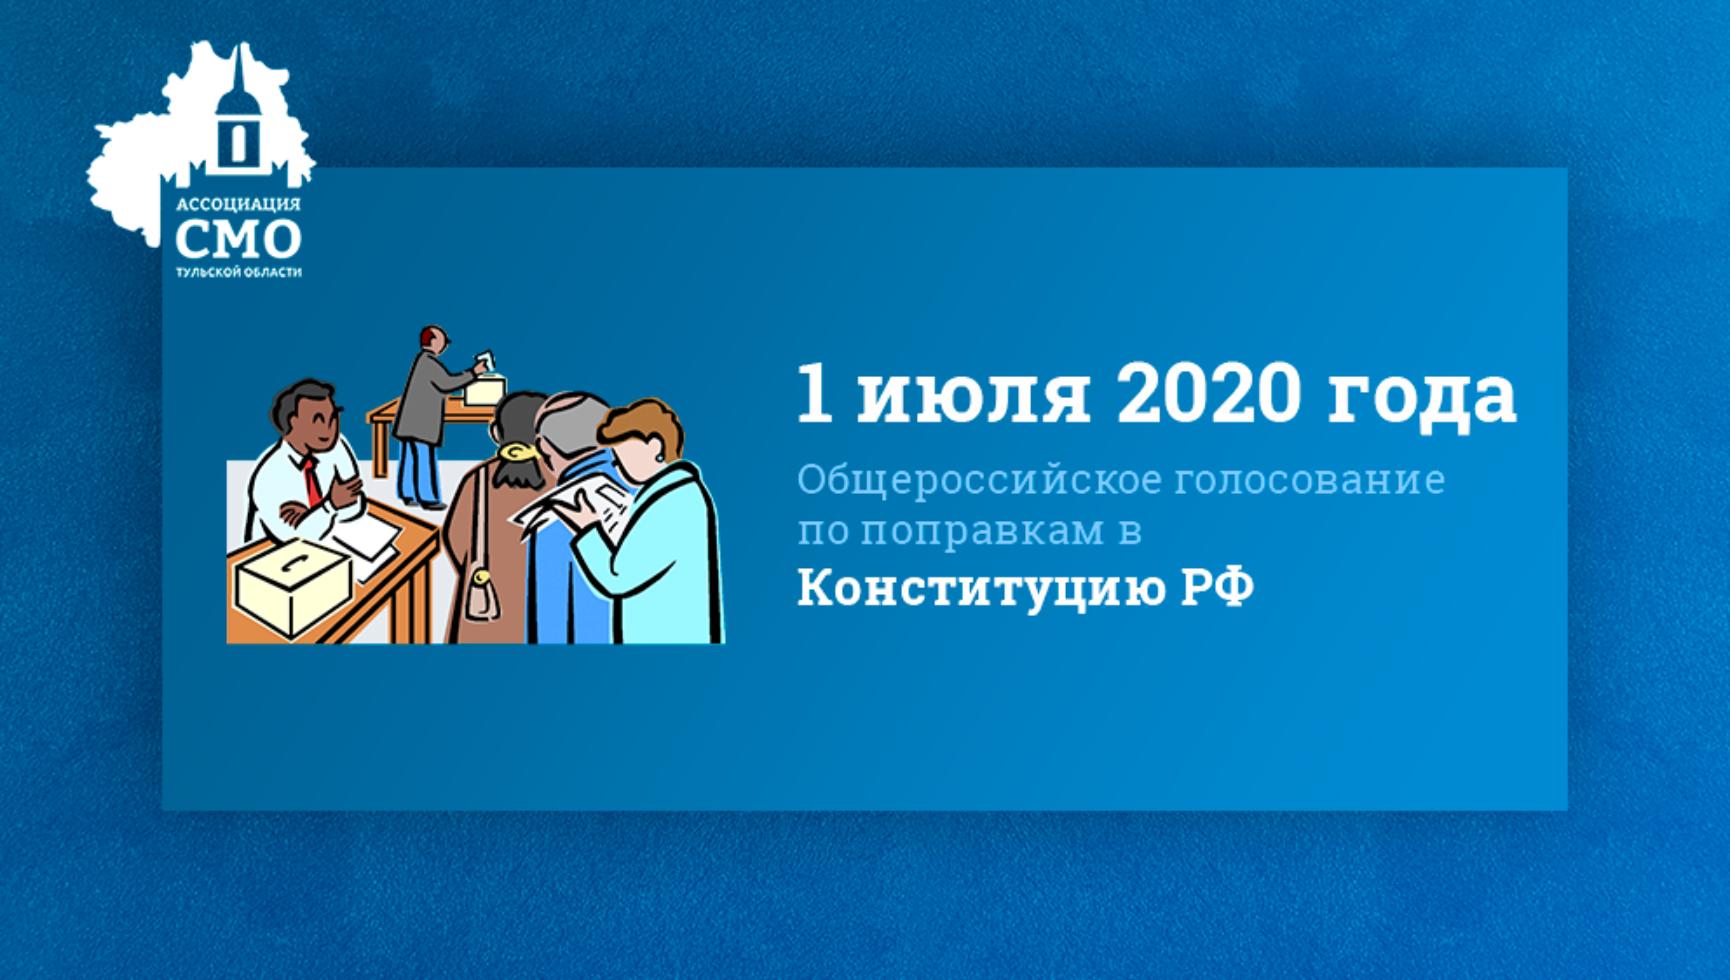 Проголосовать по поправкам в Конституцию можно с 25 июня по 1 июля 2020 года